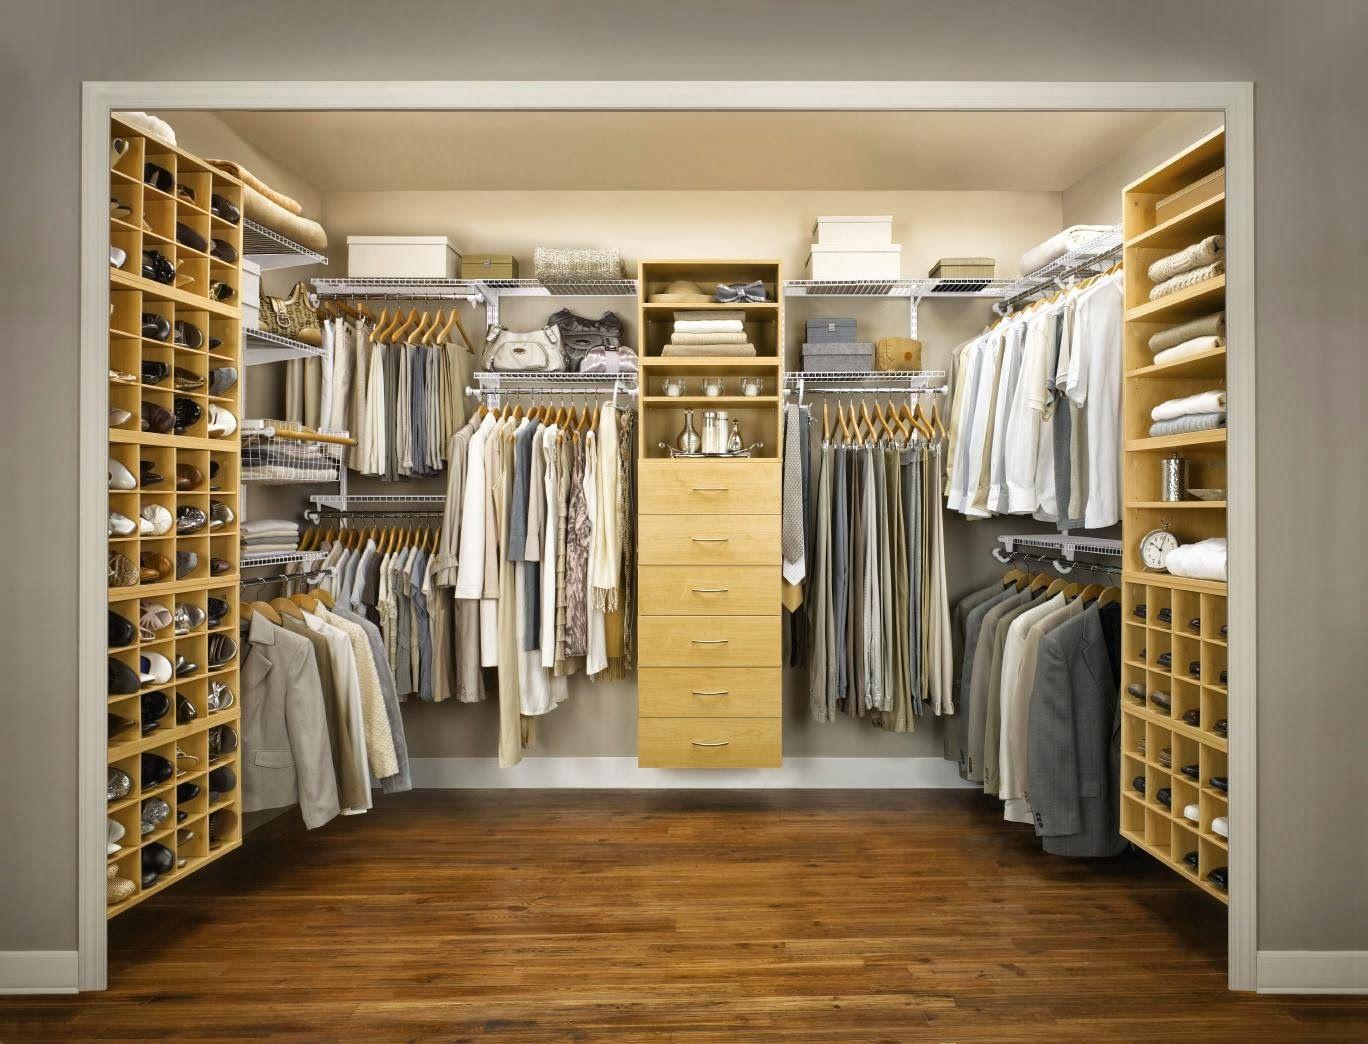 Stunning http toemoss wallpaper mobel glamourosen braun begehbaren kleiderschrank design idee mit grau weibe kleidung weibe kasten schlafzimmer schrank